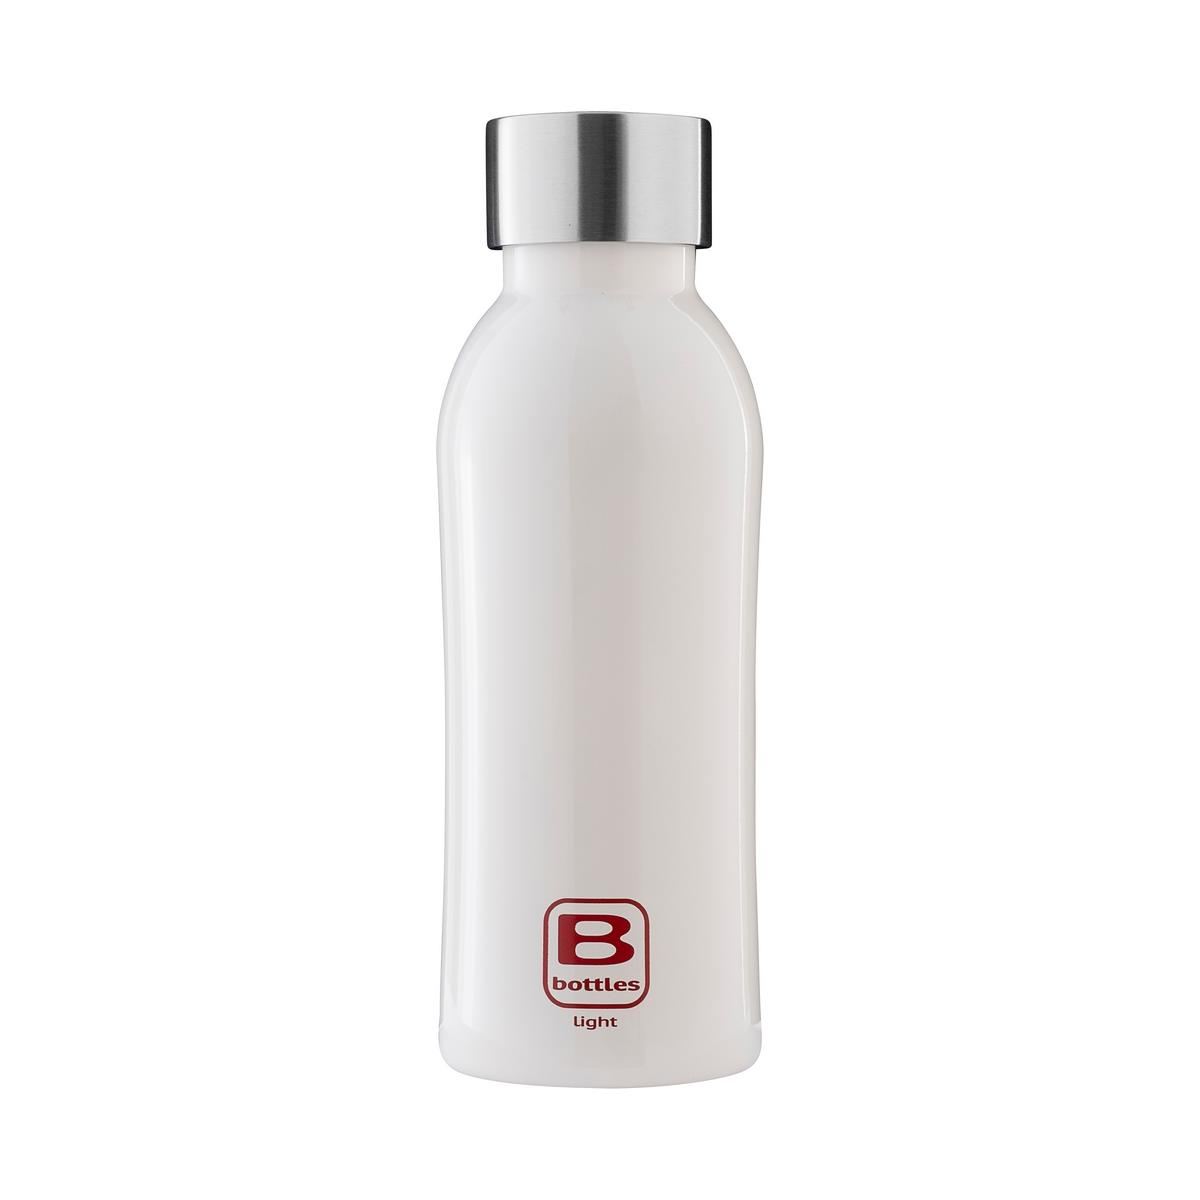 B Bottles Light - Bianco Bright - 530 ml - Bottiglia in acciaio inox 18/10 ultra leggera e compatta